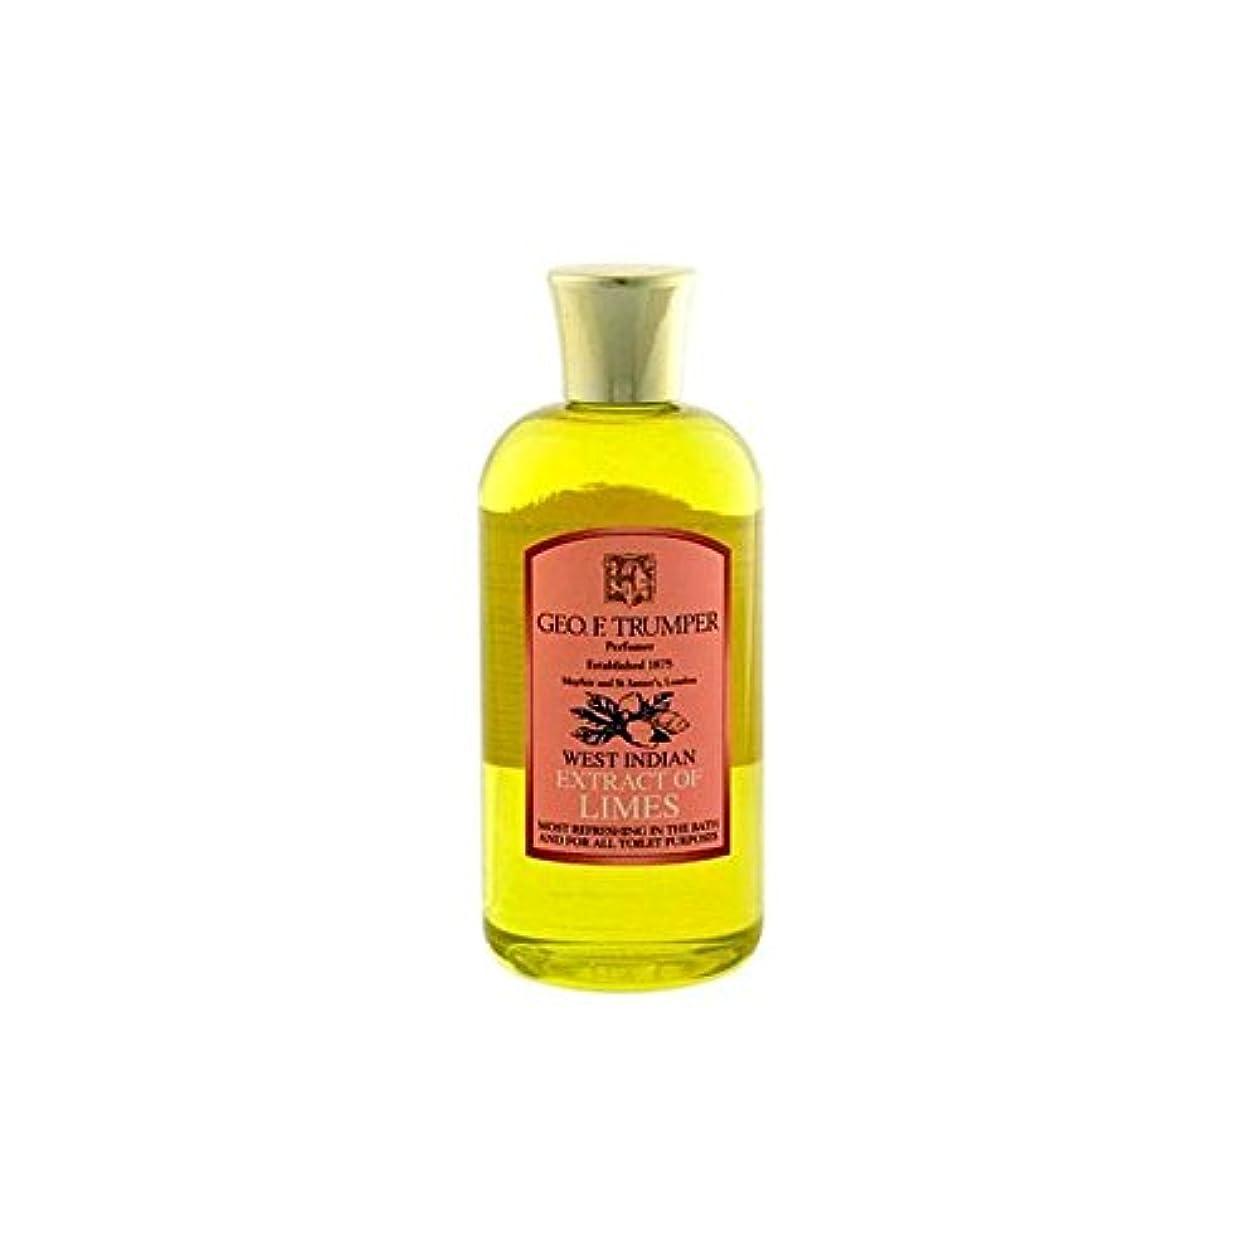 ガイドジャングルヒットTrumpers Extracts of Limes Bath and Shower Gel 200ml - ライムのバスタブとシャワージェル200の抽出物を [並行輸入品]